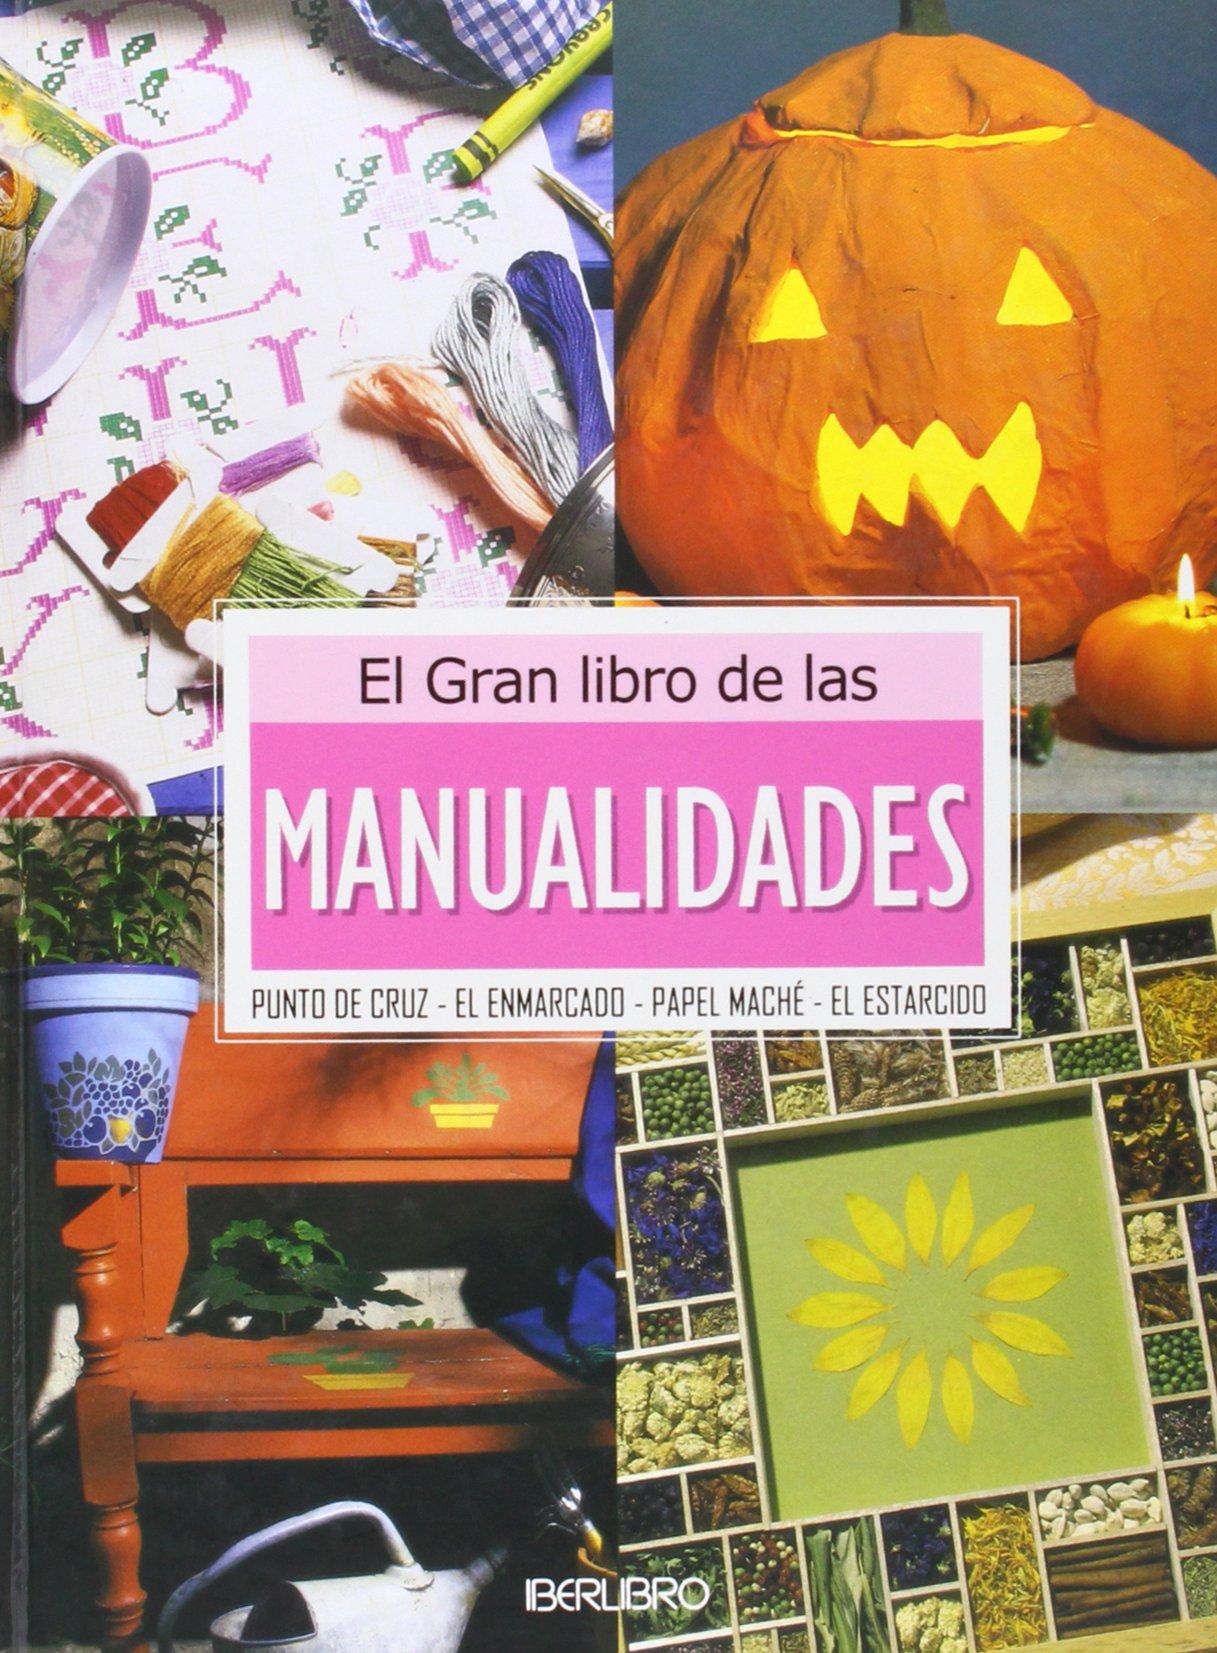 El Gran Libro De Las Manualidades The Great Book Of Arts Crafts Spanish Edition Iberlibros 9788445905692 Amazon Com Books